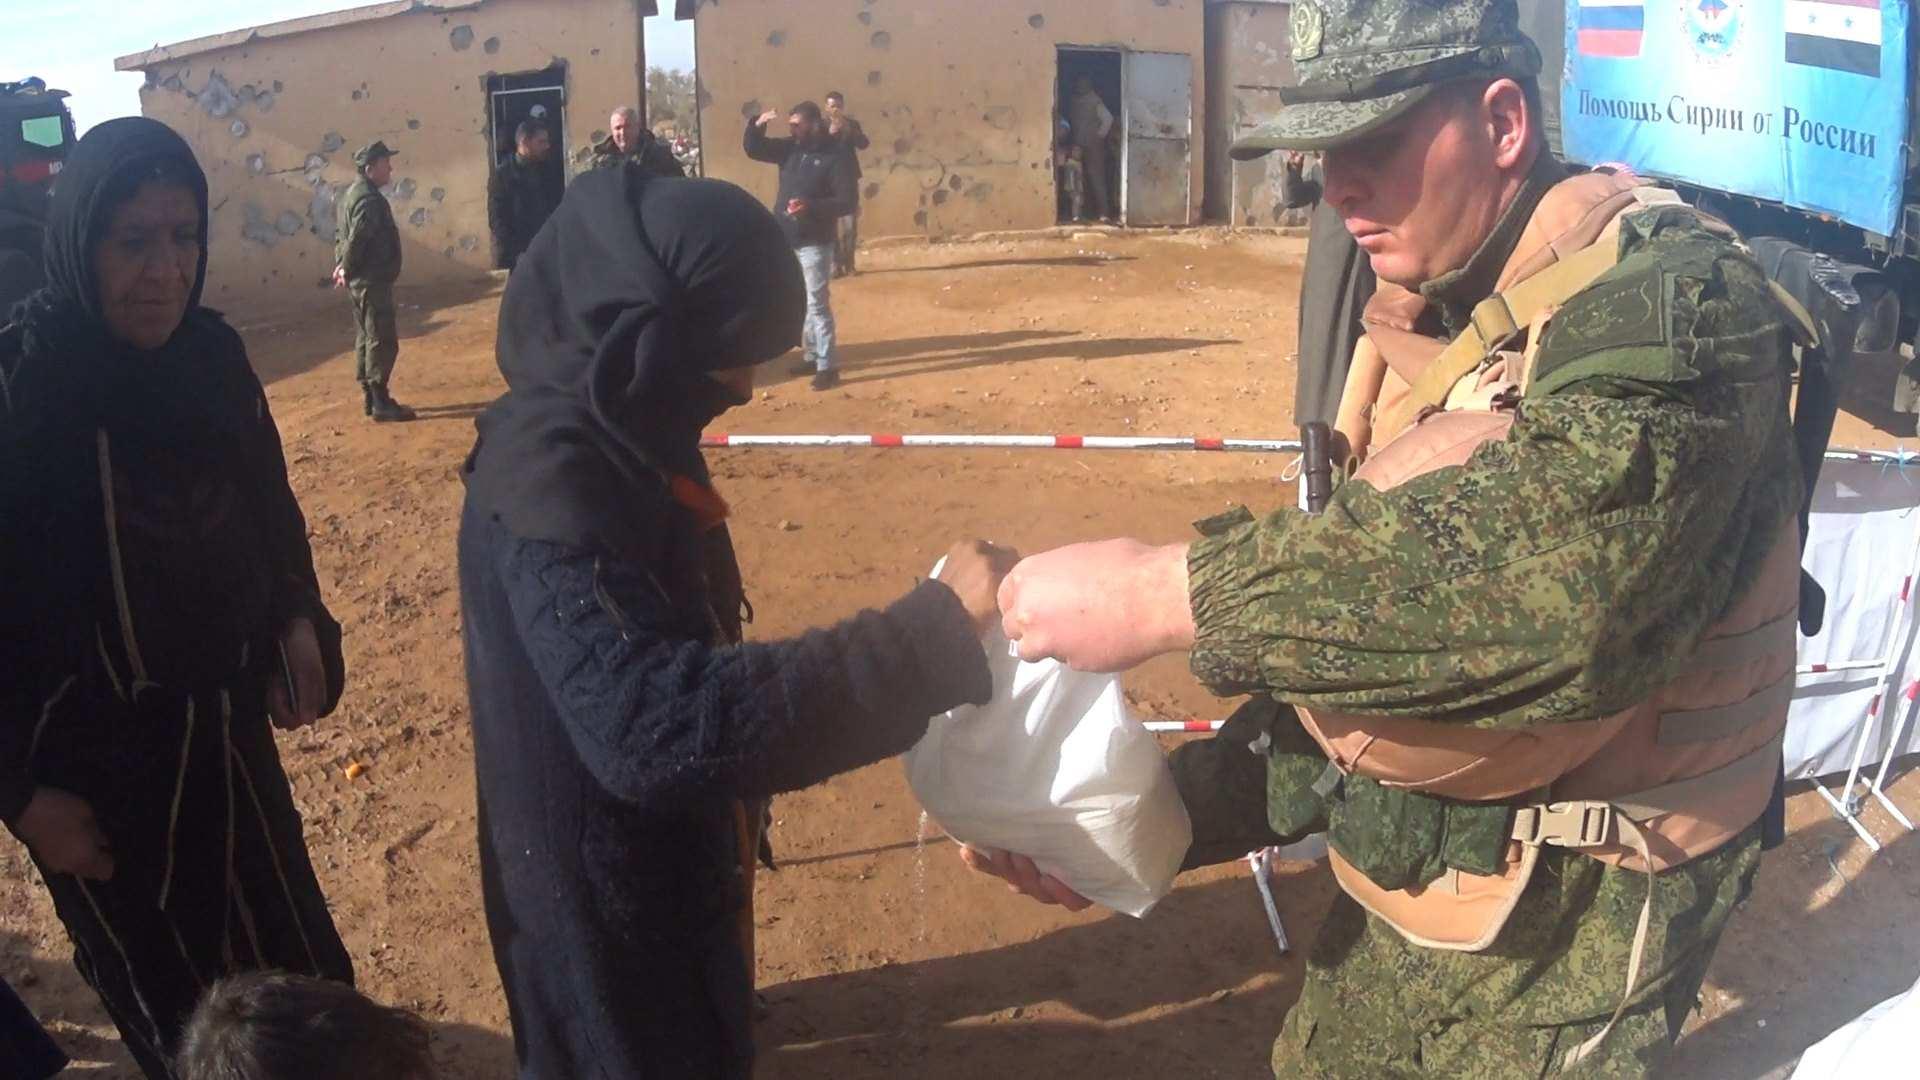 Сирия: Российские военные примиряют боевиков и Дамаск (ФОТО) | Русская весна